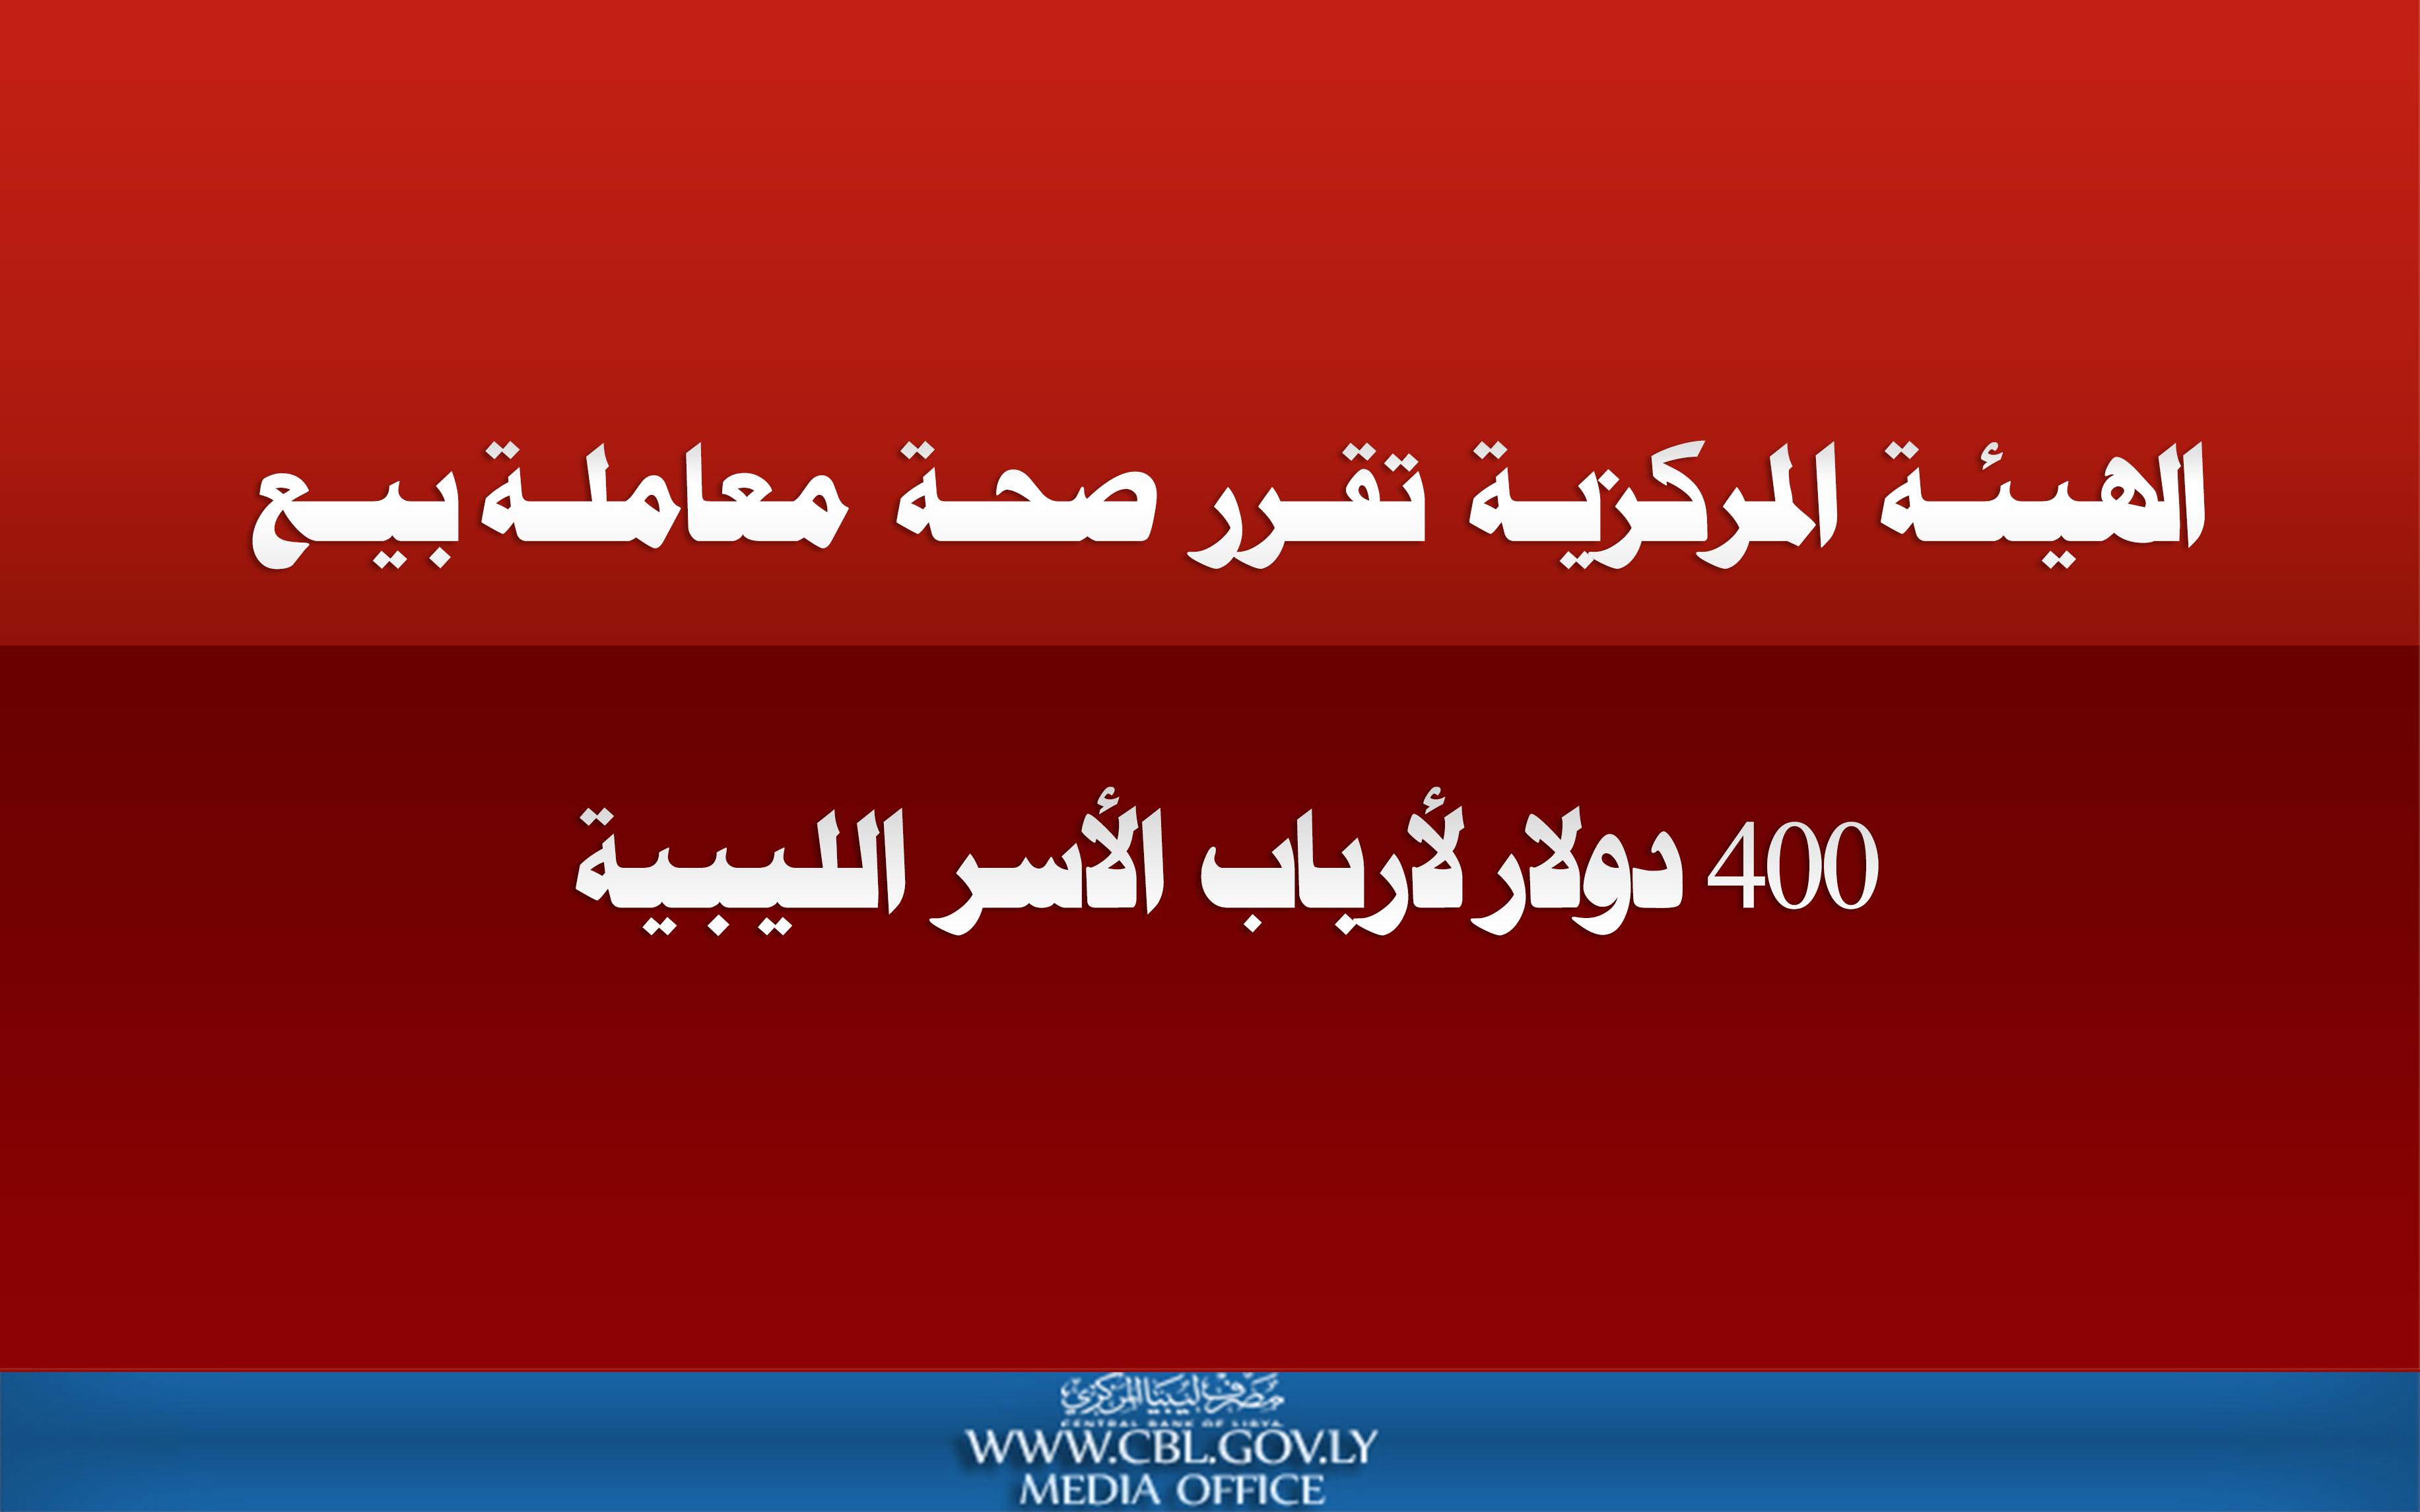 الهيئة المركزية تقرر صحة معاملة بيع 400 دولار لأرباب الأسر الليبية